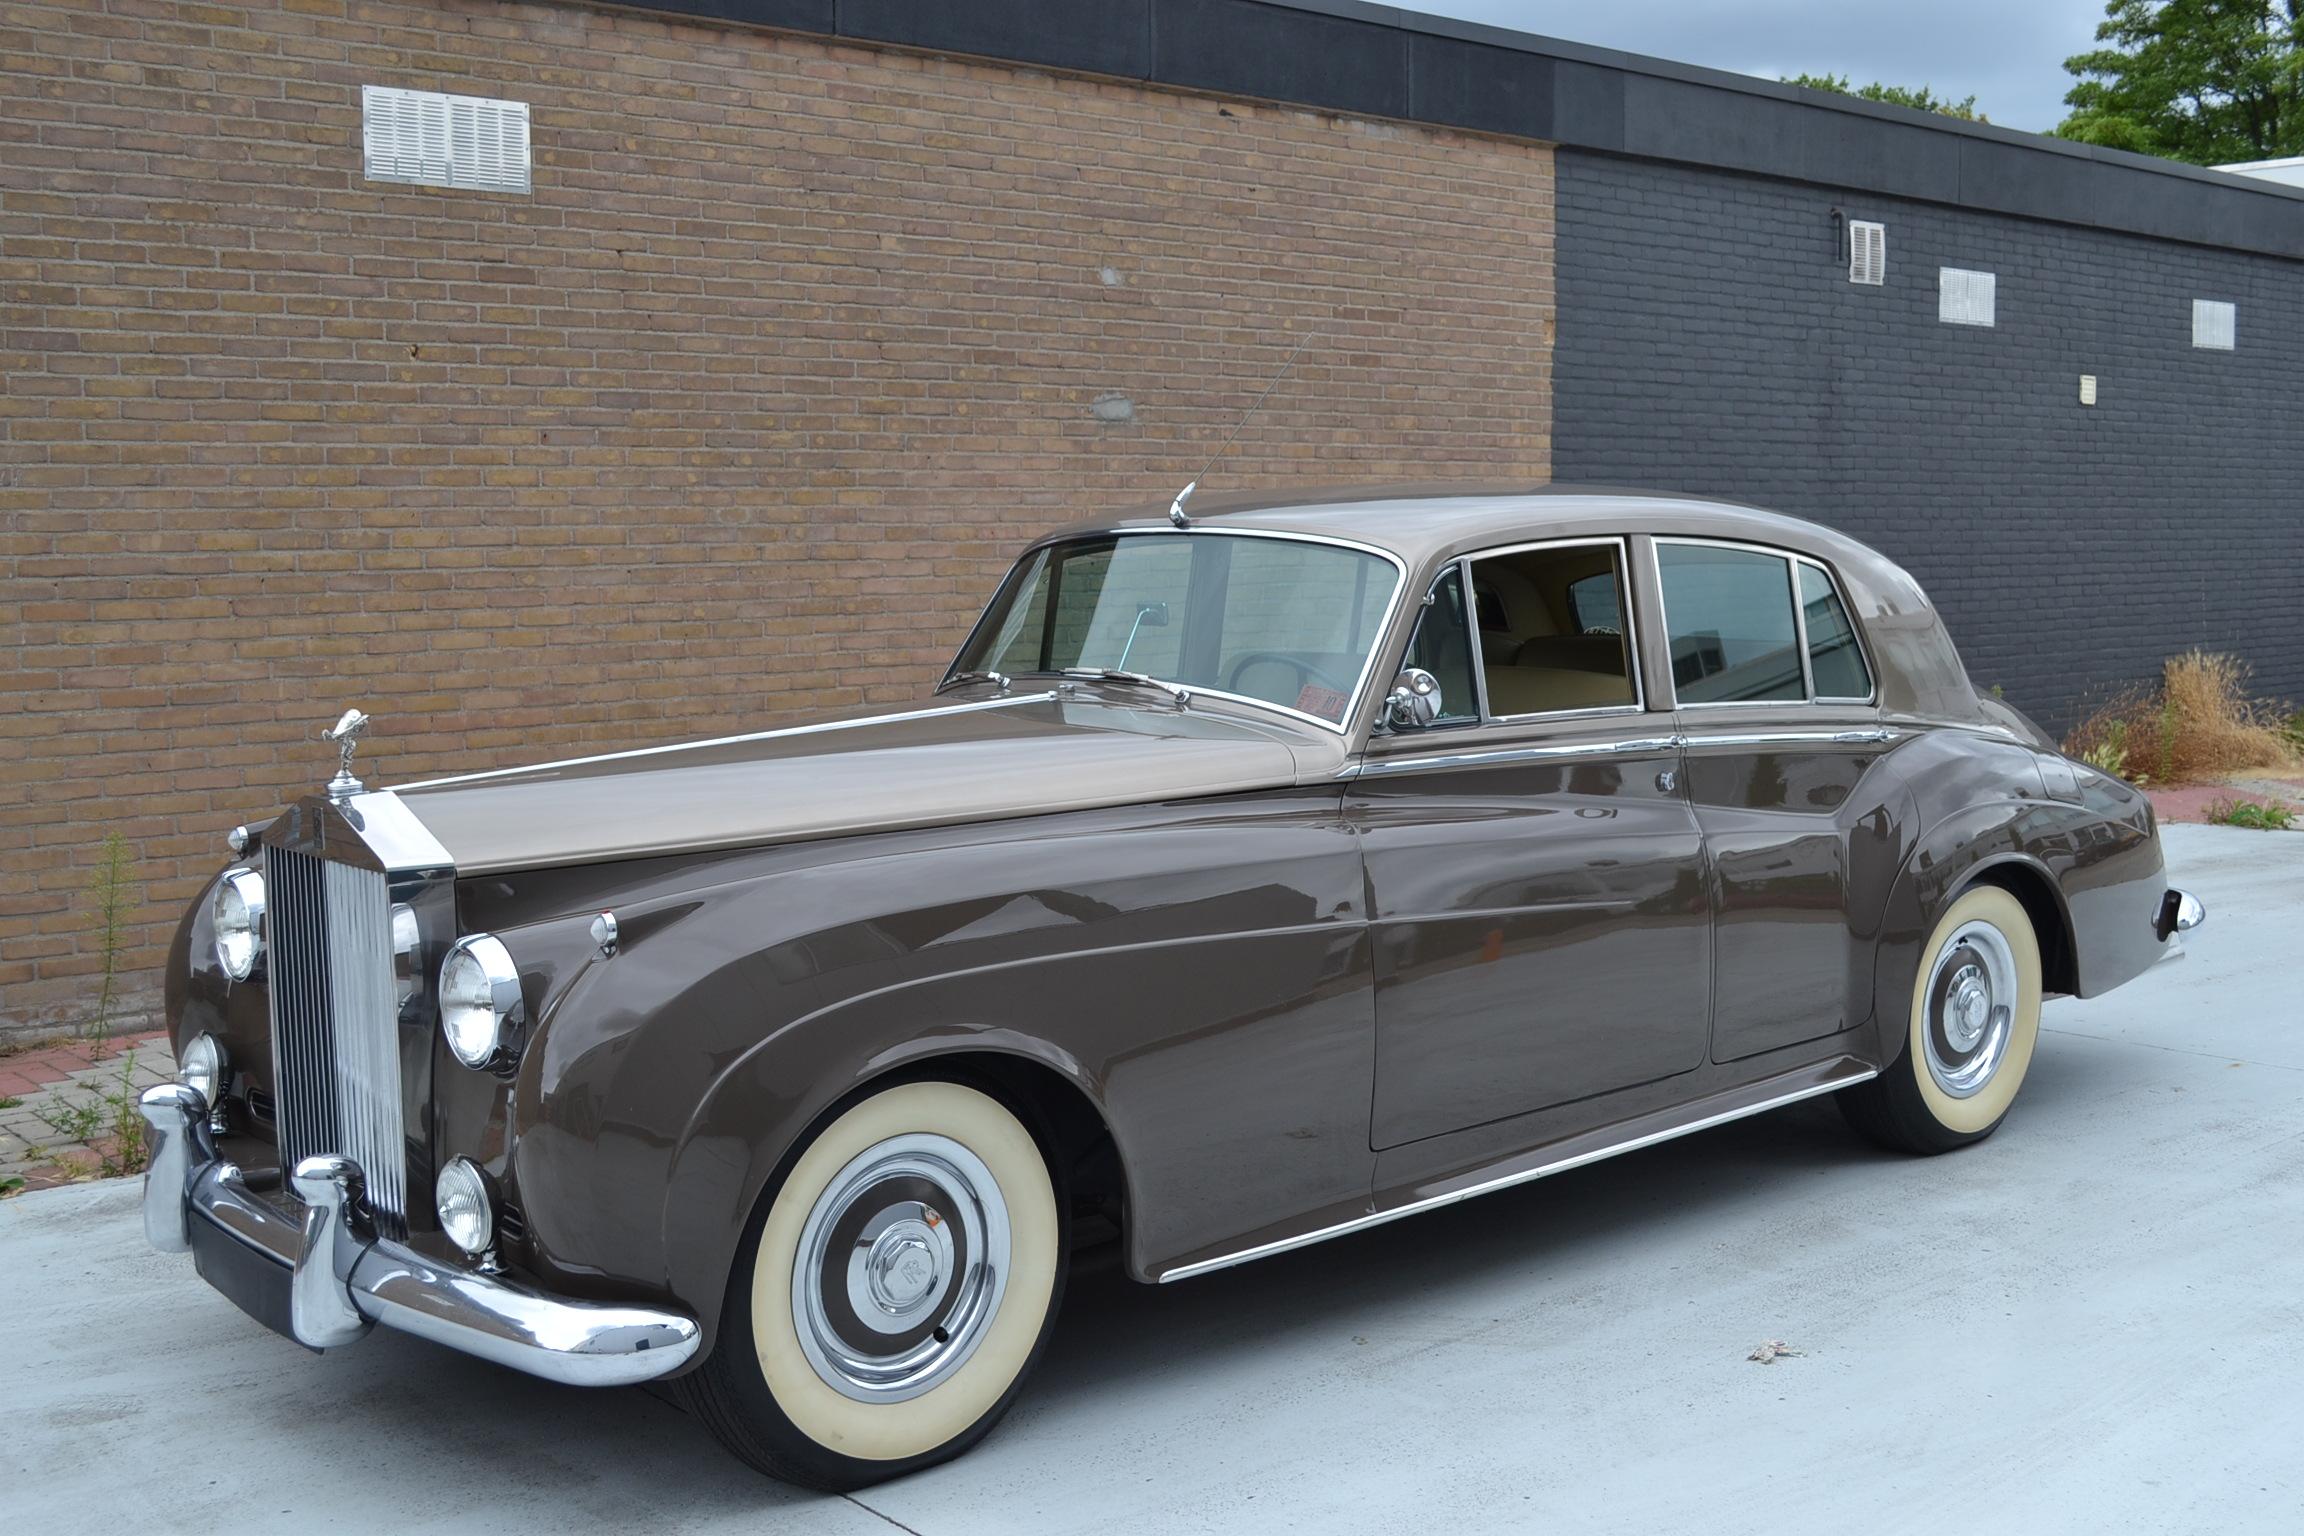 1960 rolls-royce silver cloud ii - saloon | classic driver market